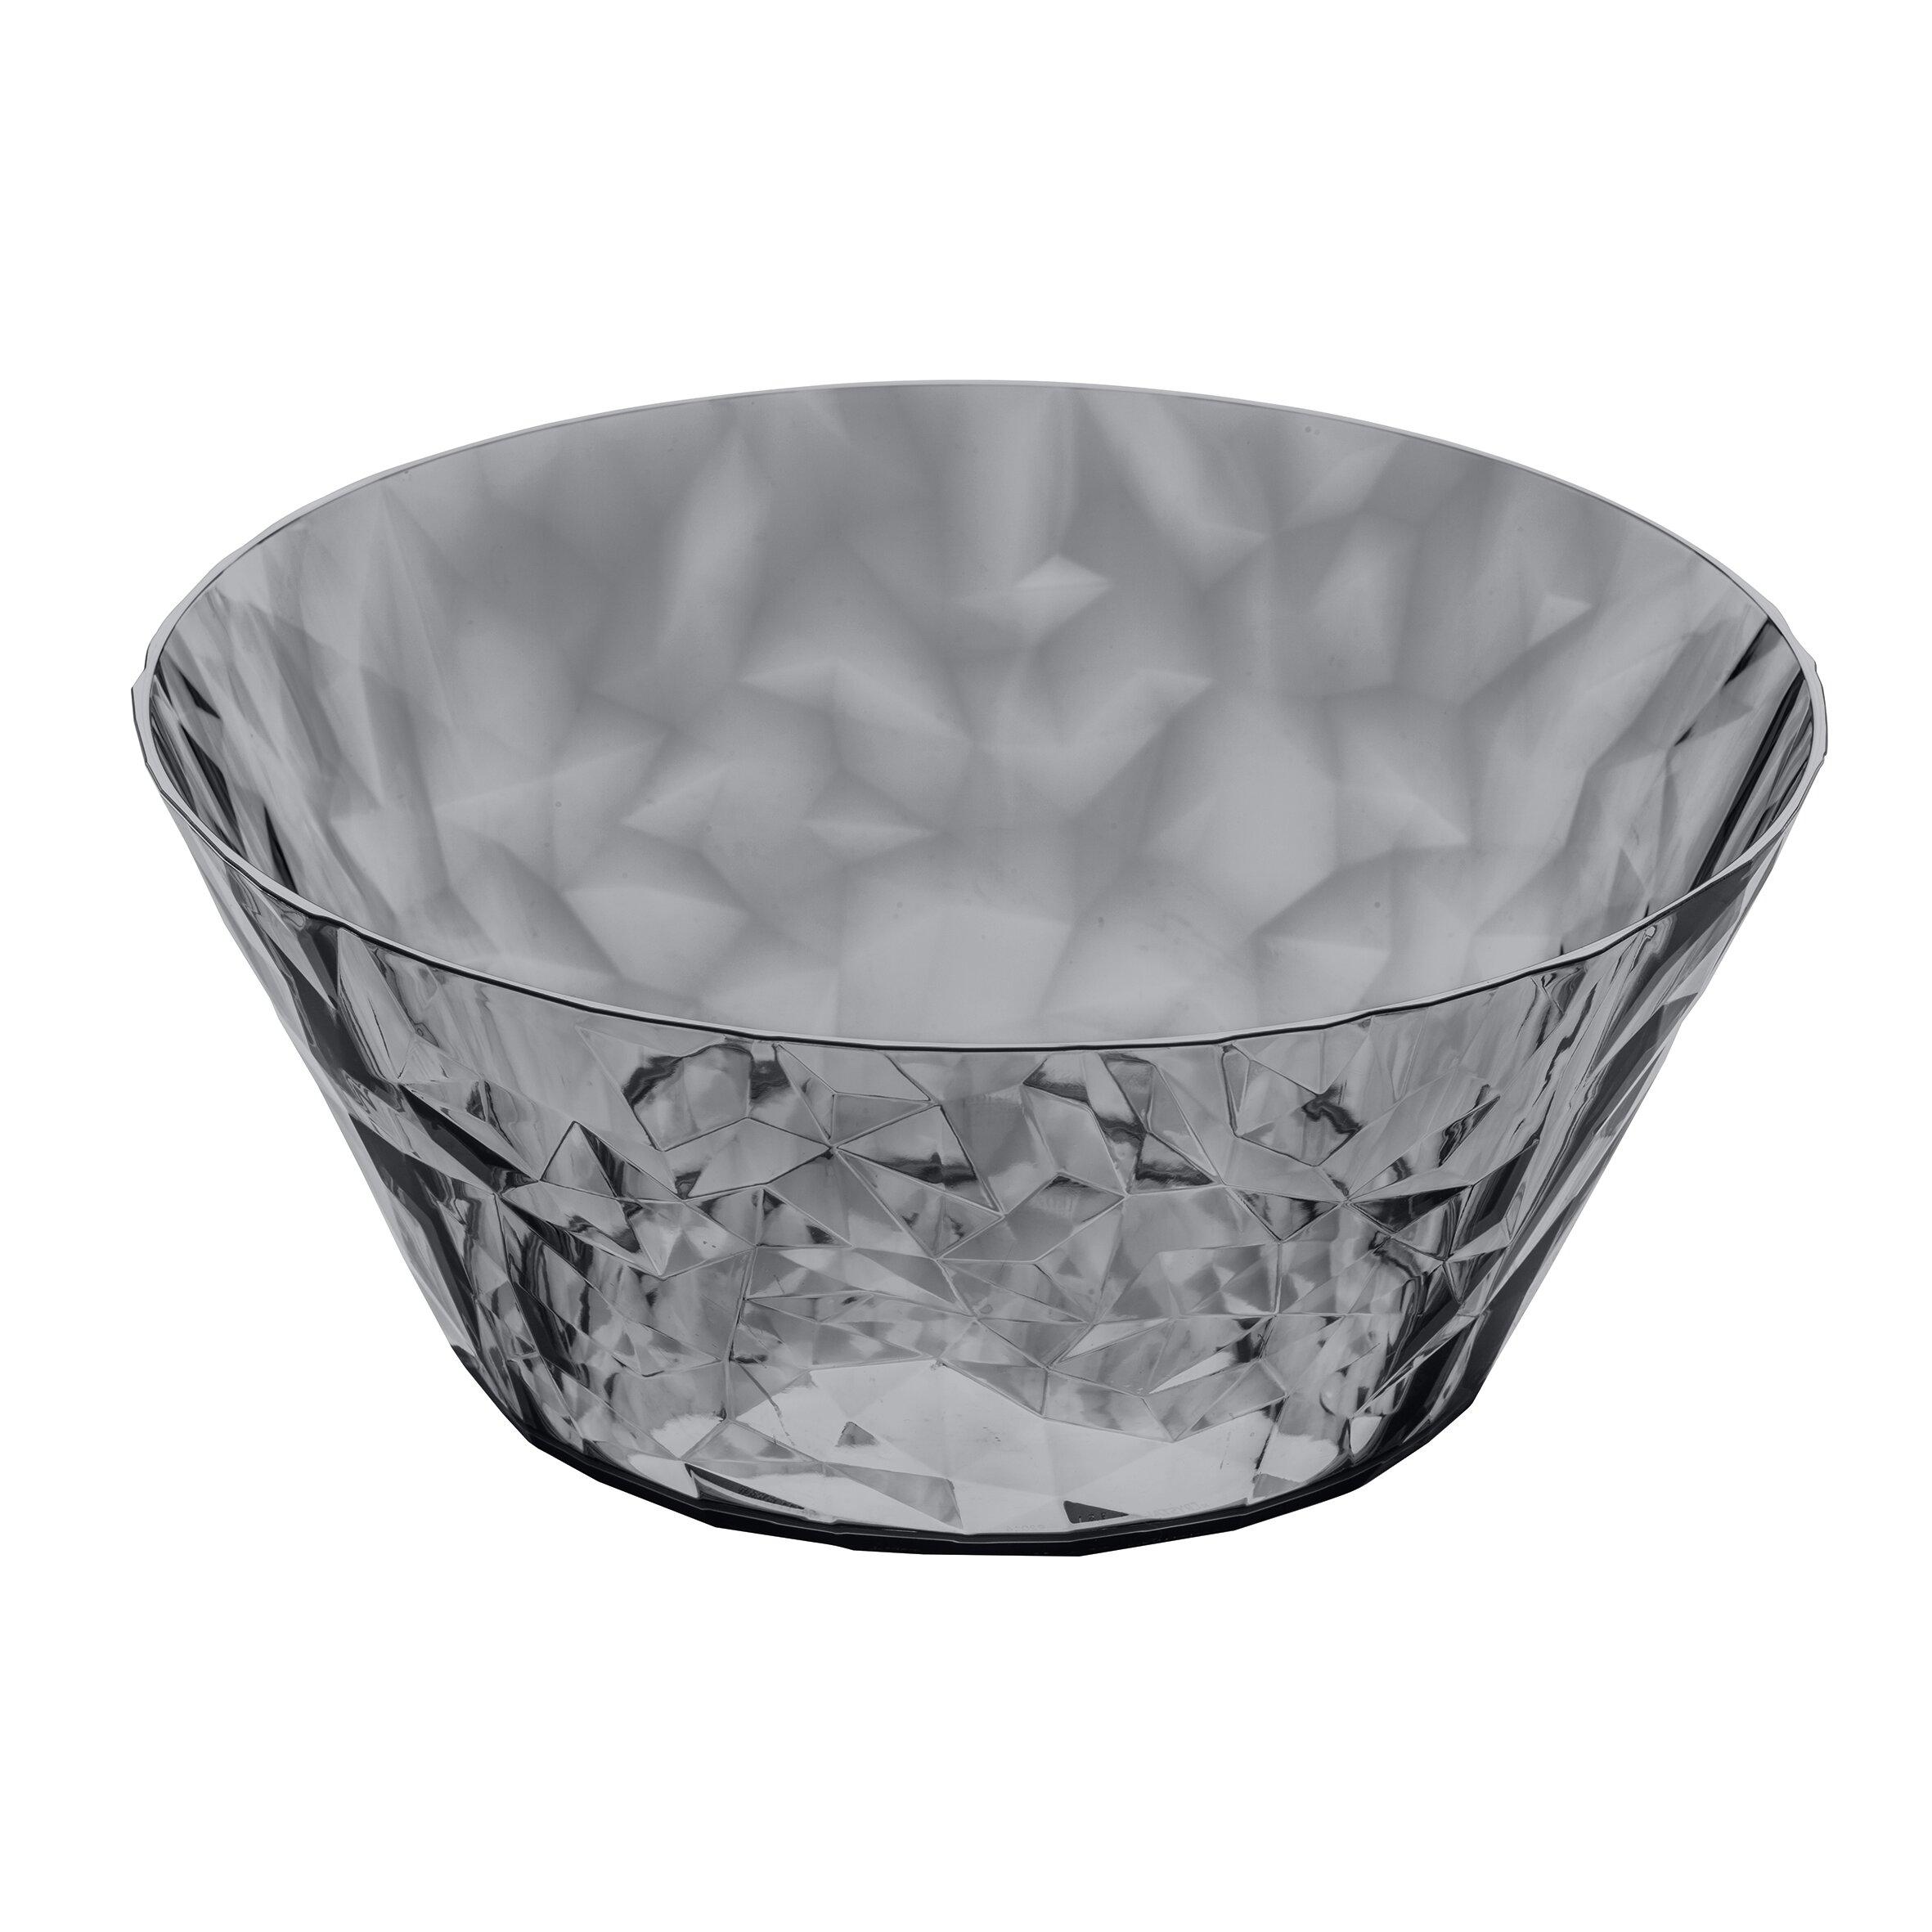 koziol salatschale crystal. Black Bedroom Furniture Sets. Home Design Ideas